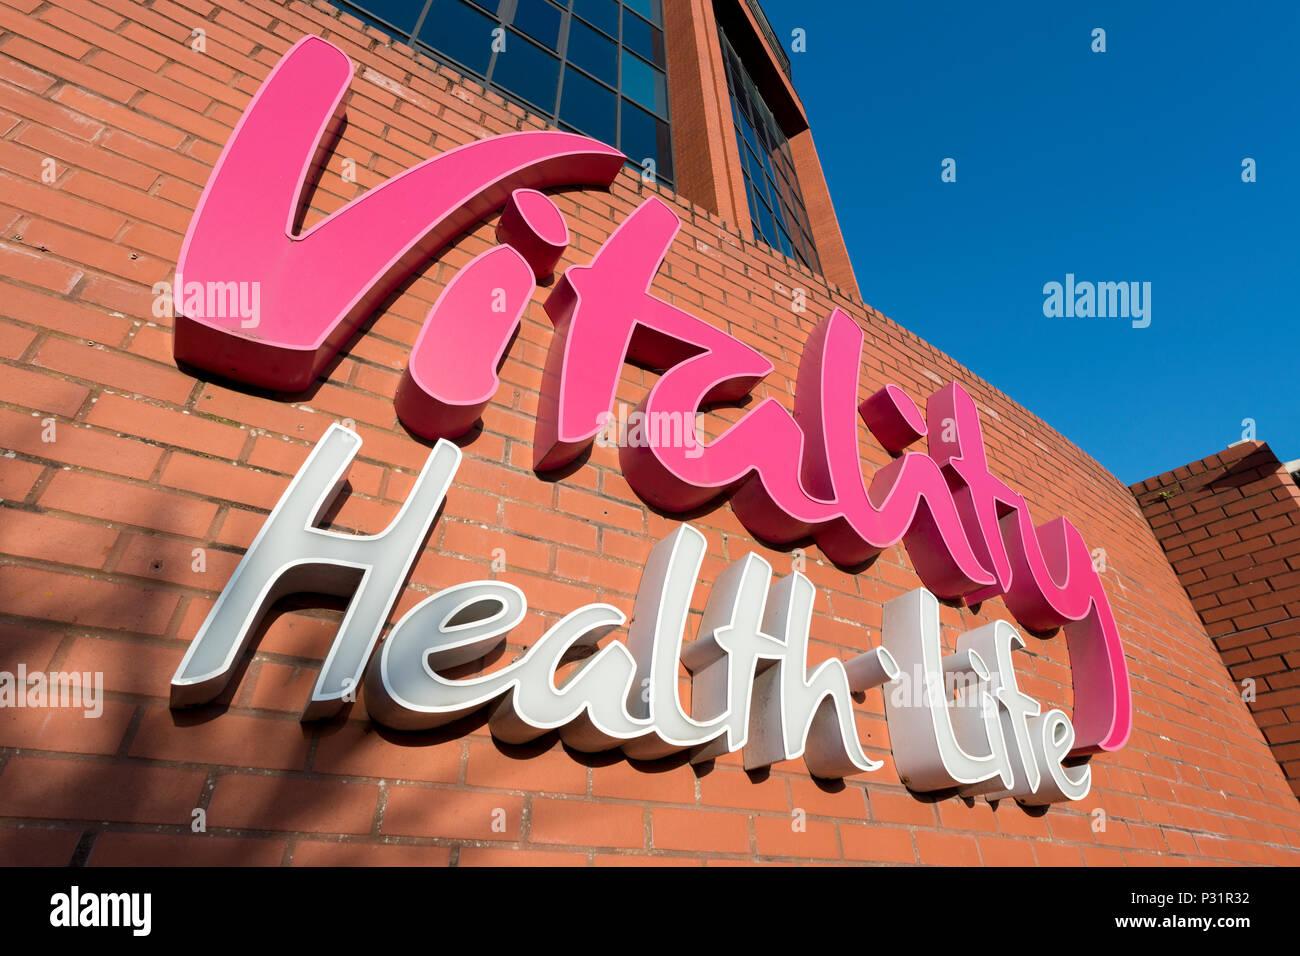 La señalización de la vitalidad, la compañía de seguros de salud fuera del edificio de la compañía en Bournemouth. Imagen De Stock